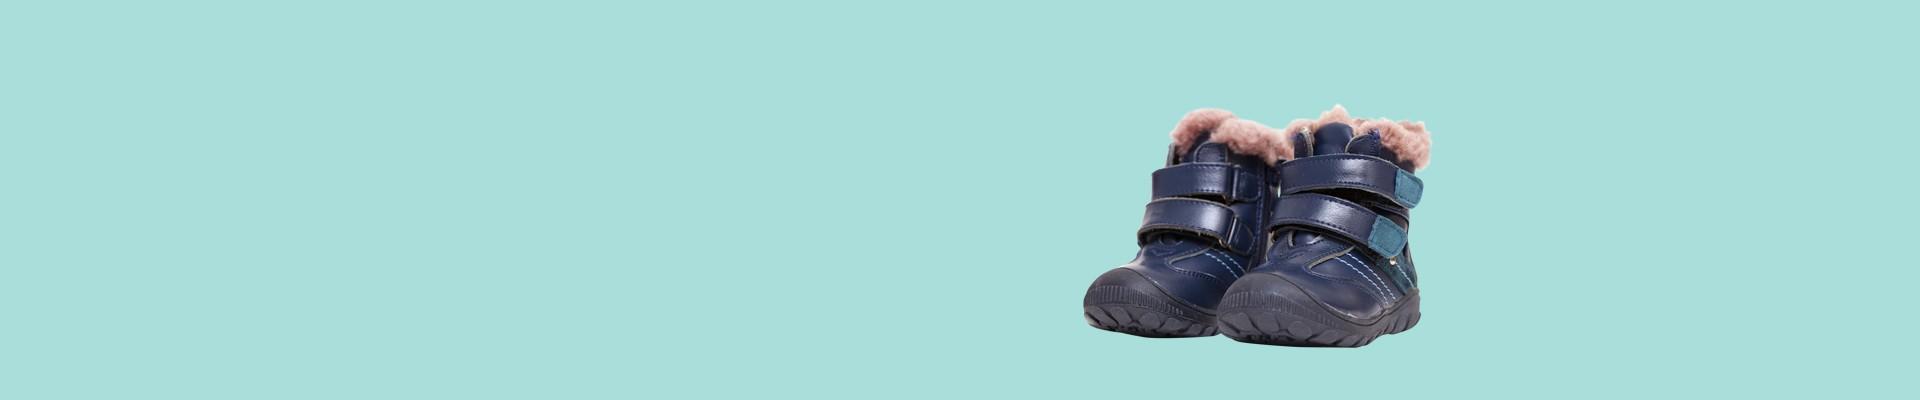 Jual Sepatu Boots Anak Laki Laki Anak Laki Laki Model Terbaru